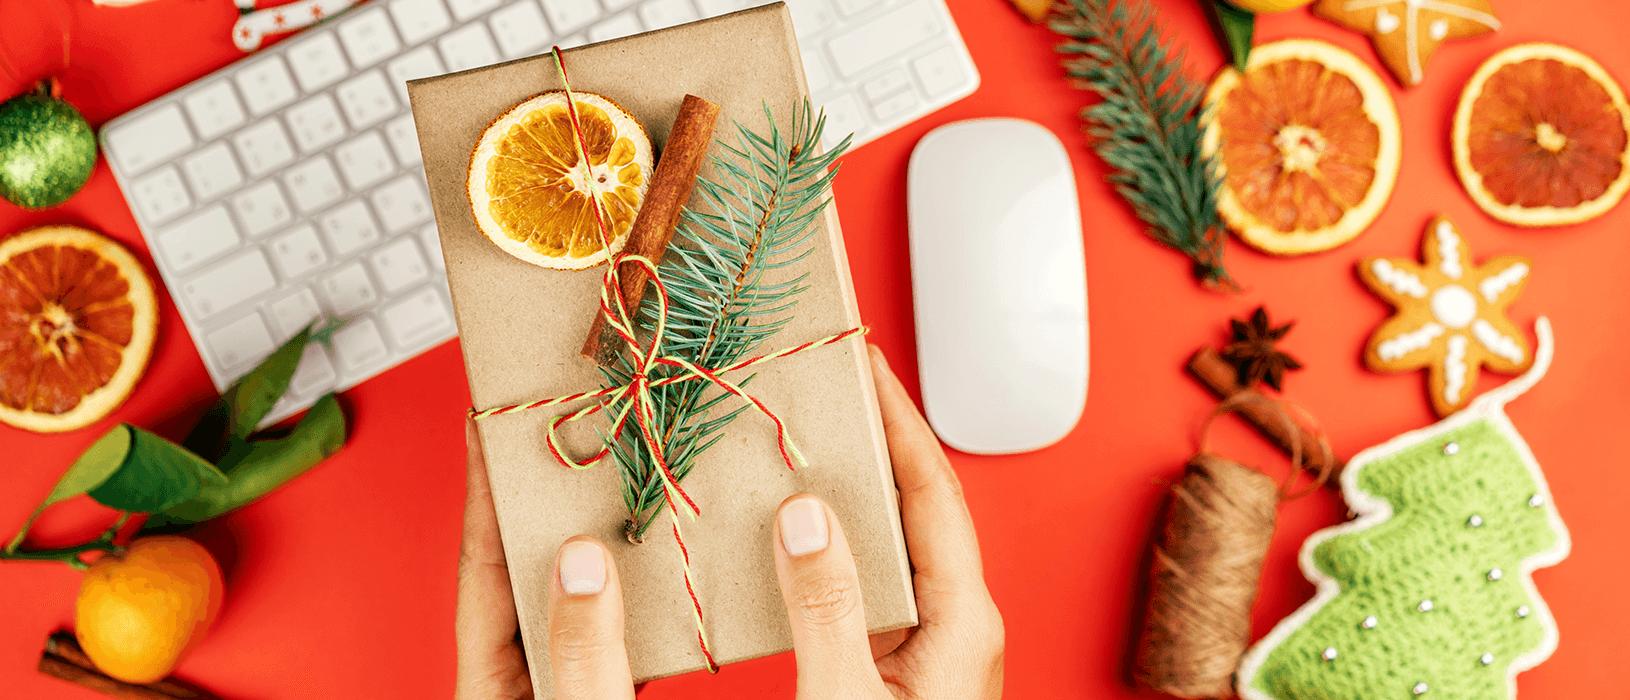 Ein Werbegeschenk zu Weihnachten bereitet Kunden nicht nur eine Freude, sondern gehört gerade in 2020 zum guten Ton. Bild: iStock